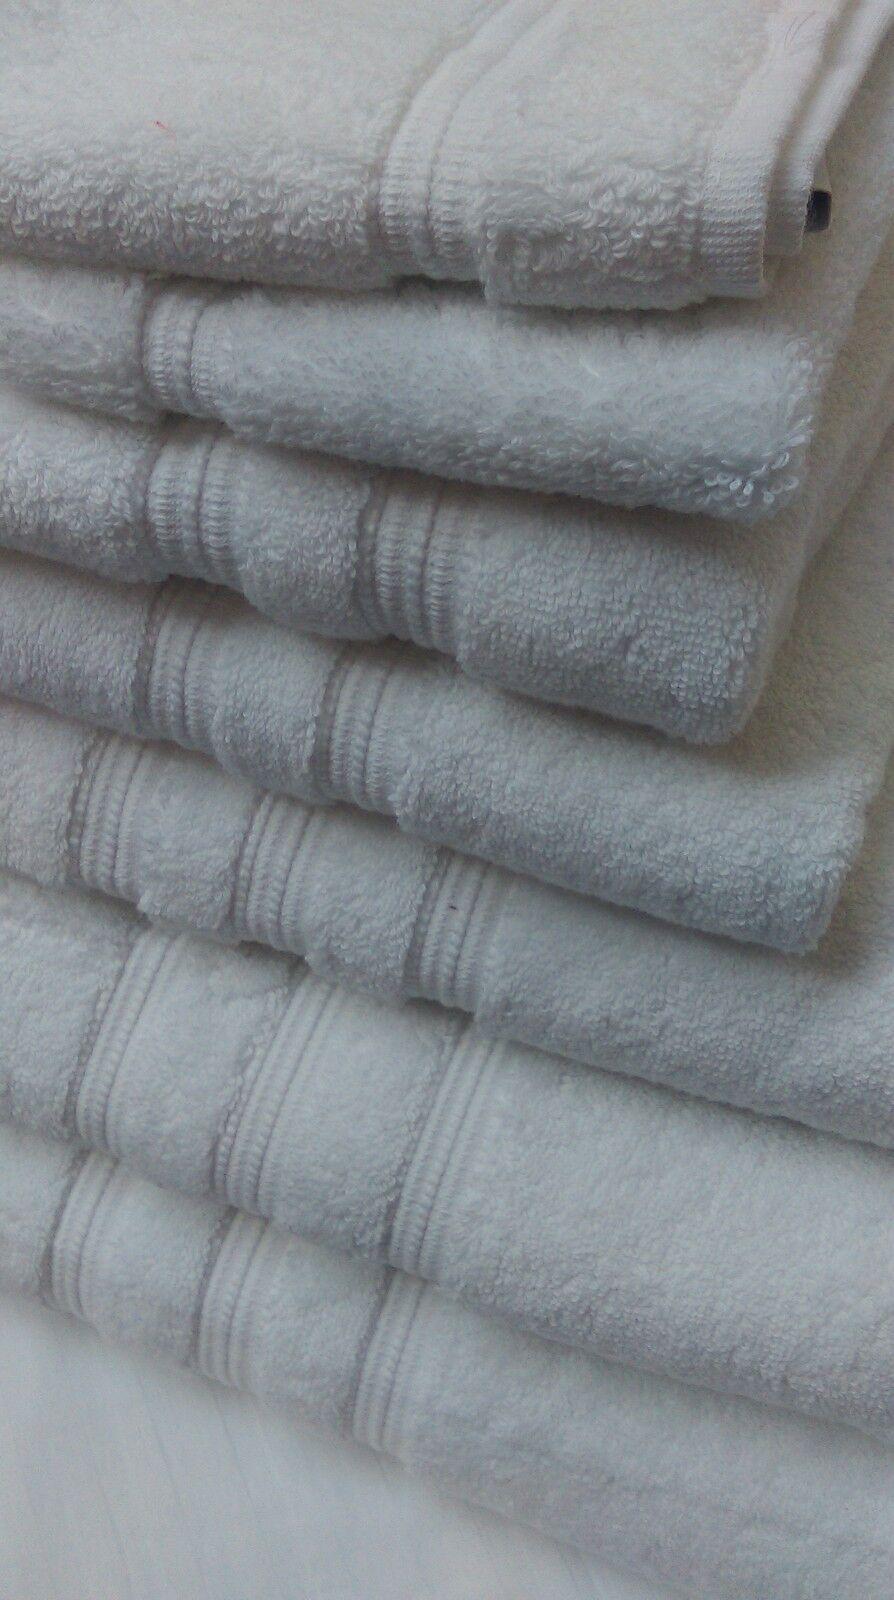 Luxe Ultime Boutique Boutique Boutique 800GSM Blanc turc Pima Coton 100% serviettes et ensembles | Dans Un Style élégant  412d50